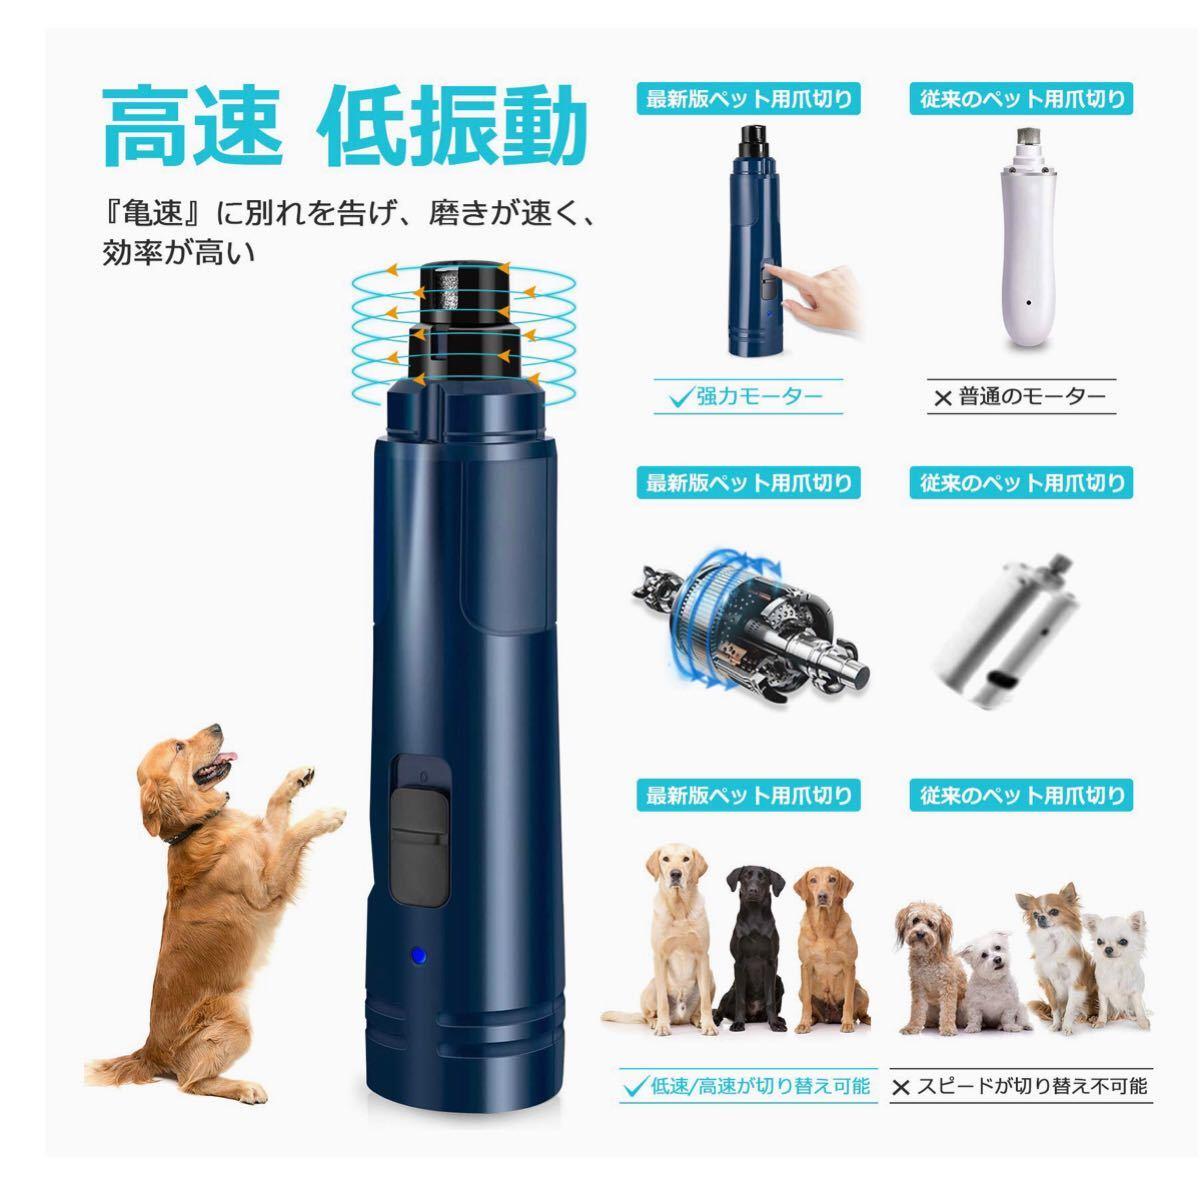 ペット爪切り 猫犬爪切り 中小型犬 ペット用つめきり LEDランプ ネイルトリマー 電池/爪収納カバー/爪やすり付き